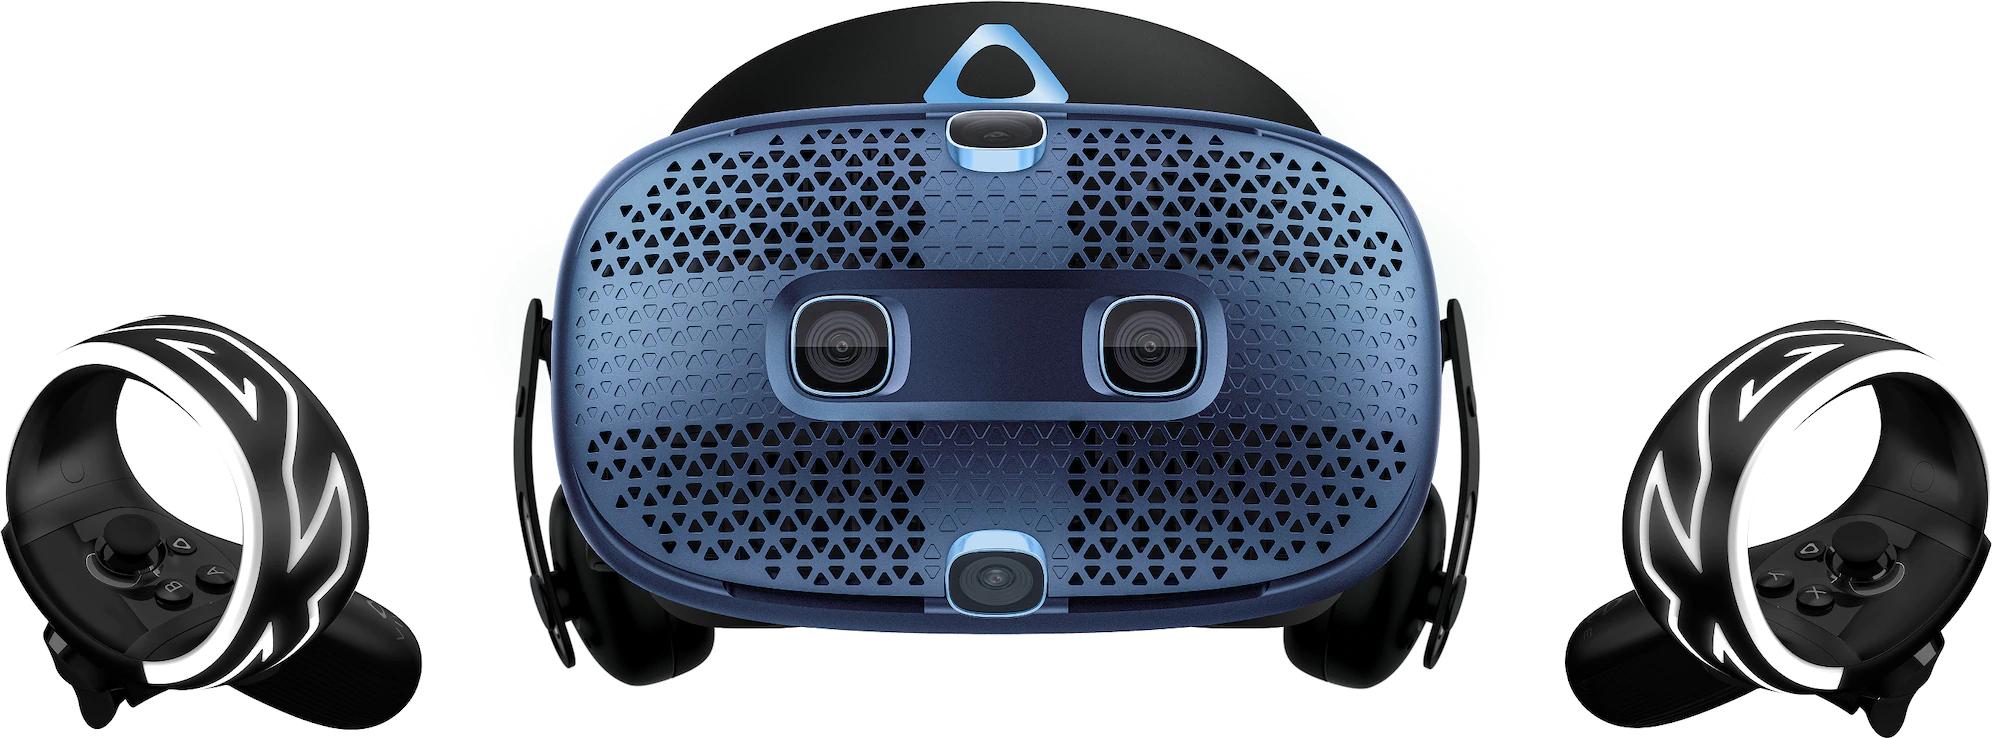 Casque de réalité virtuelle HTC Vive Cosmos + 6 mois Offert Viveport Infinity (Frontalier Suisse)